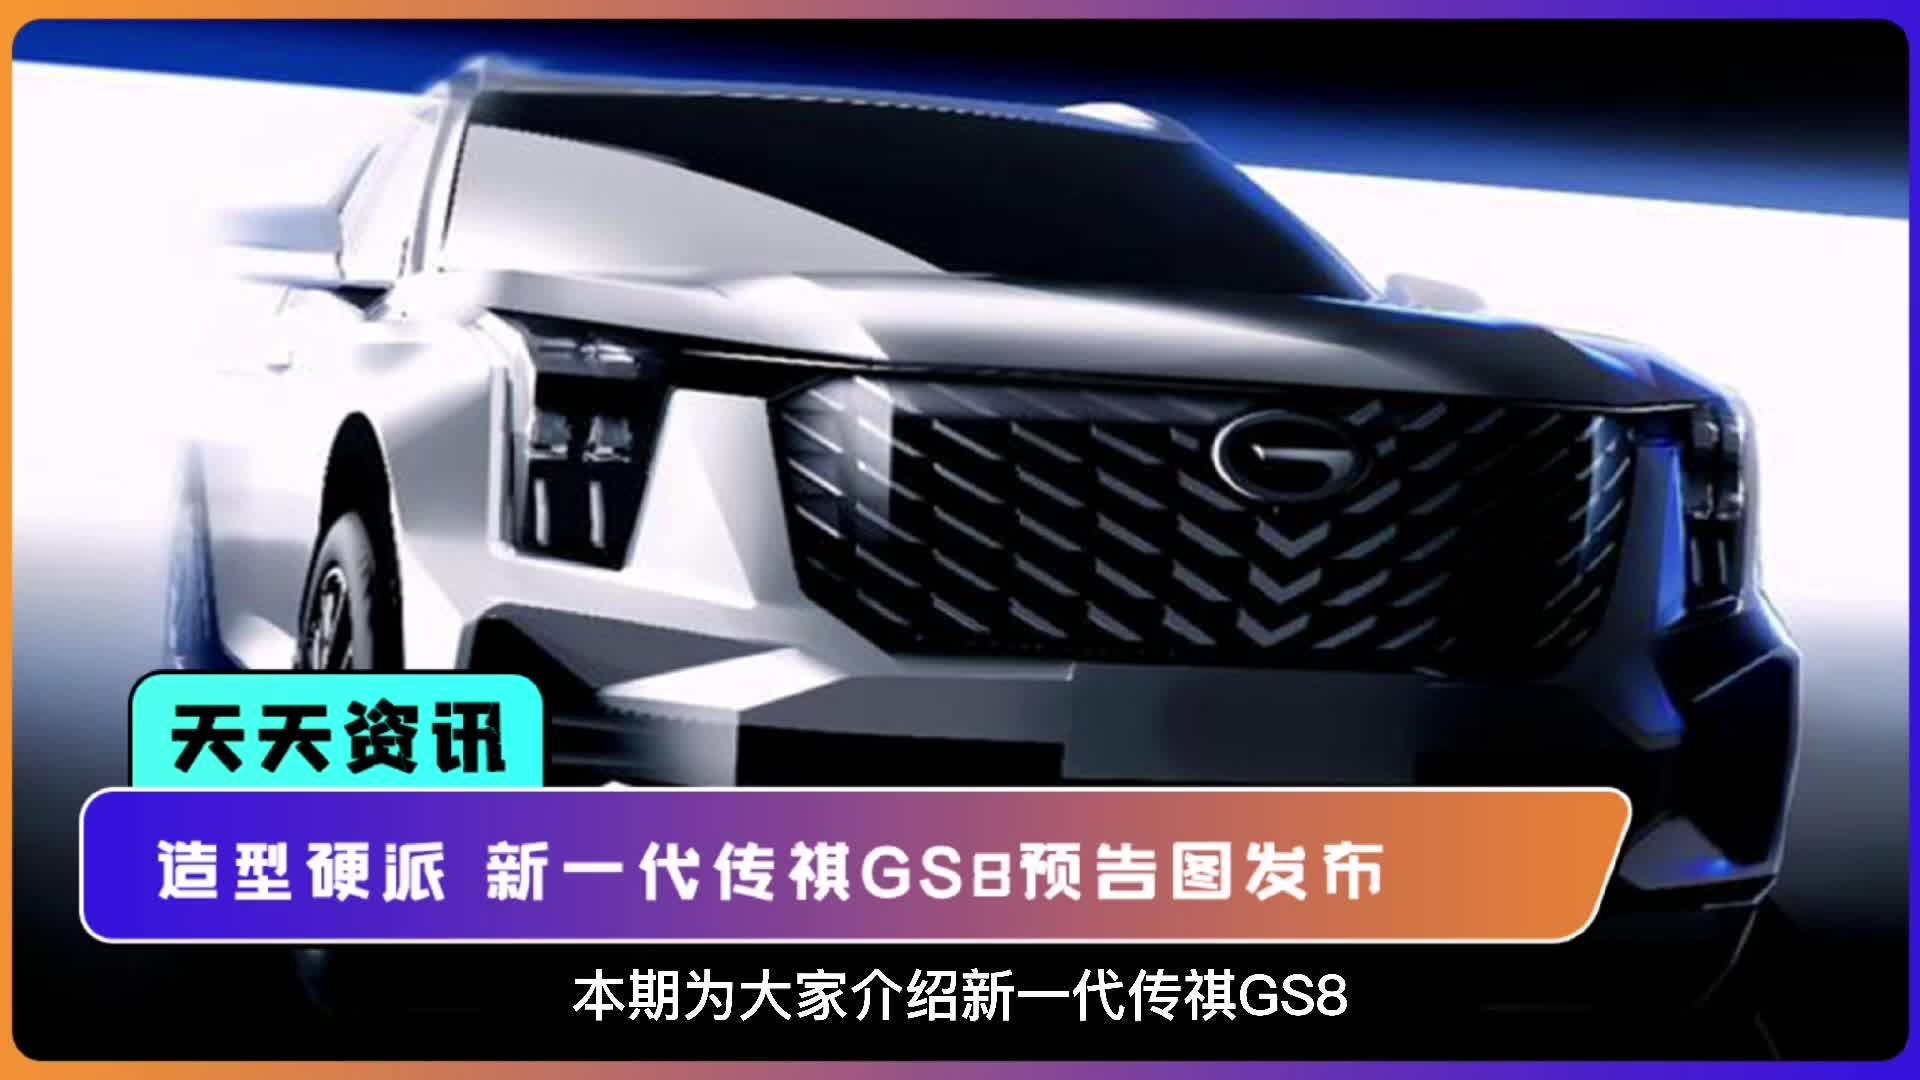 视频:【天天资讯】造型硬派 新一代传祺GS8预告图发布